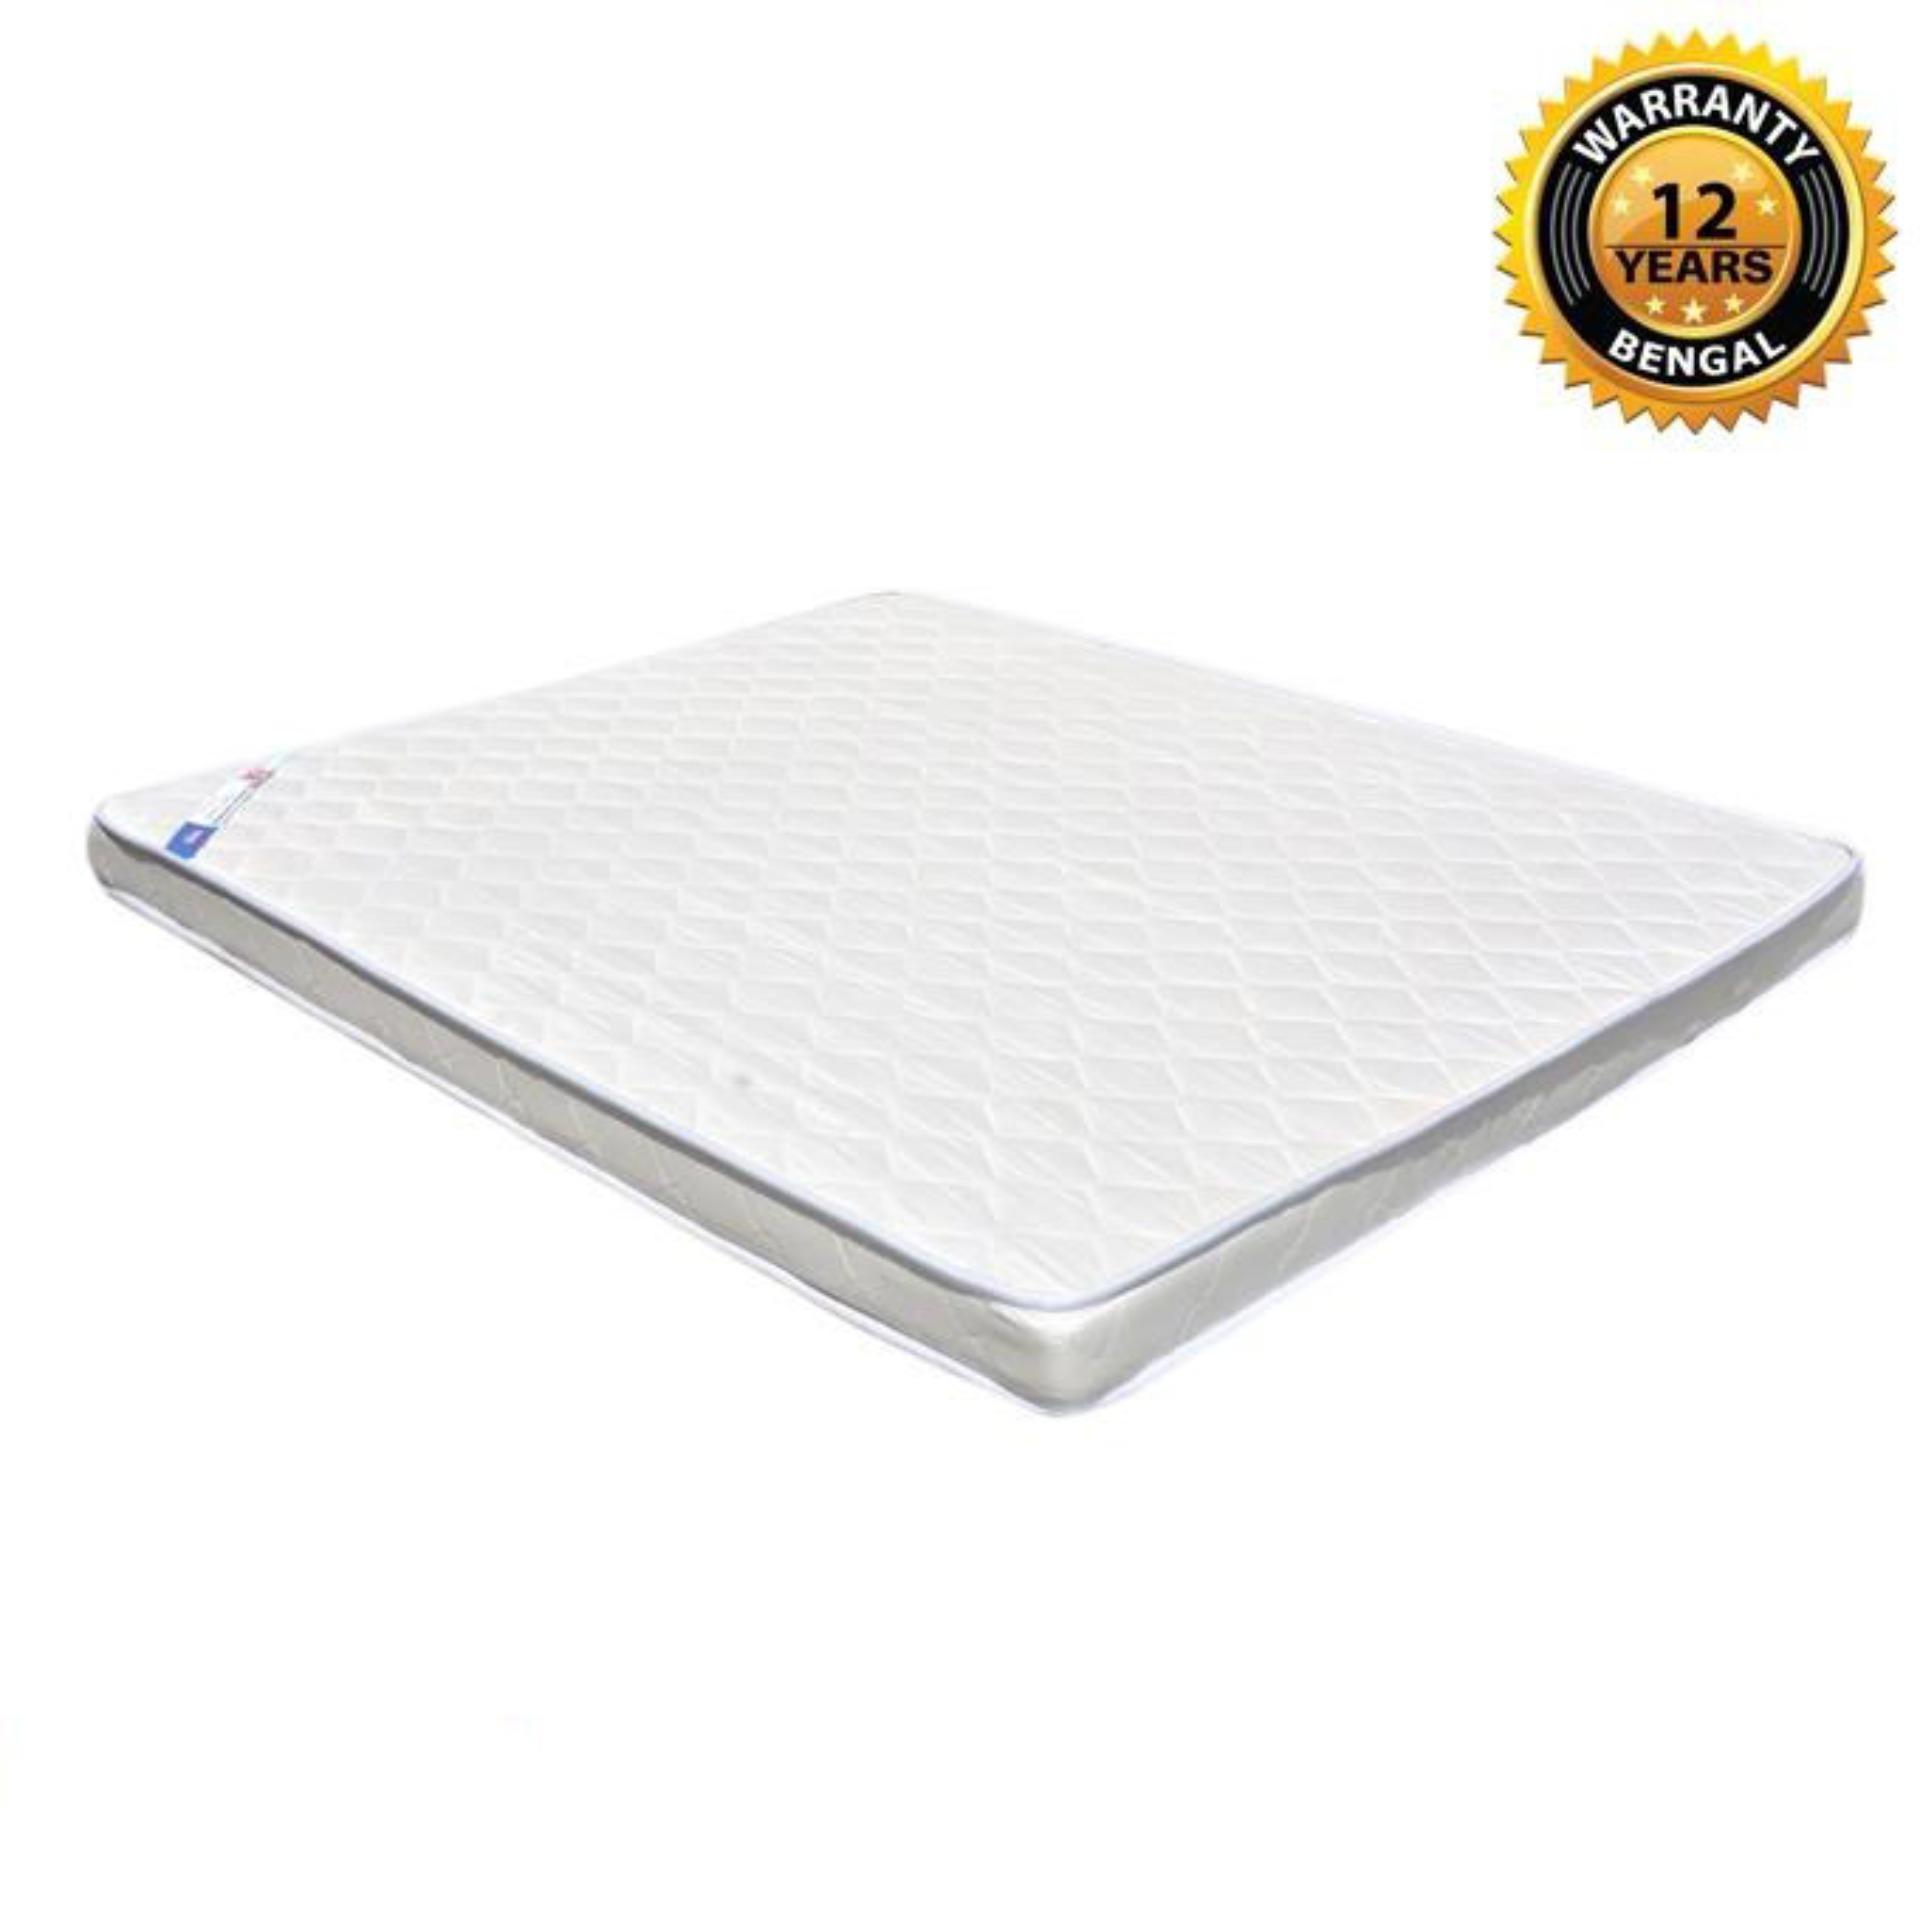 """Bengal Spring Mattress (78""""x48""""x10"""") - White"""